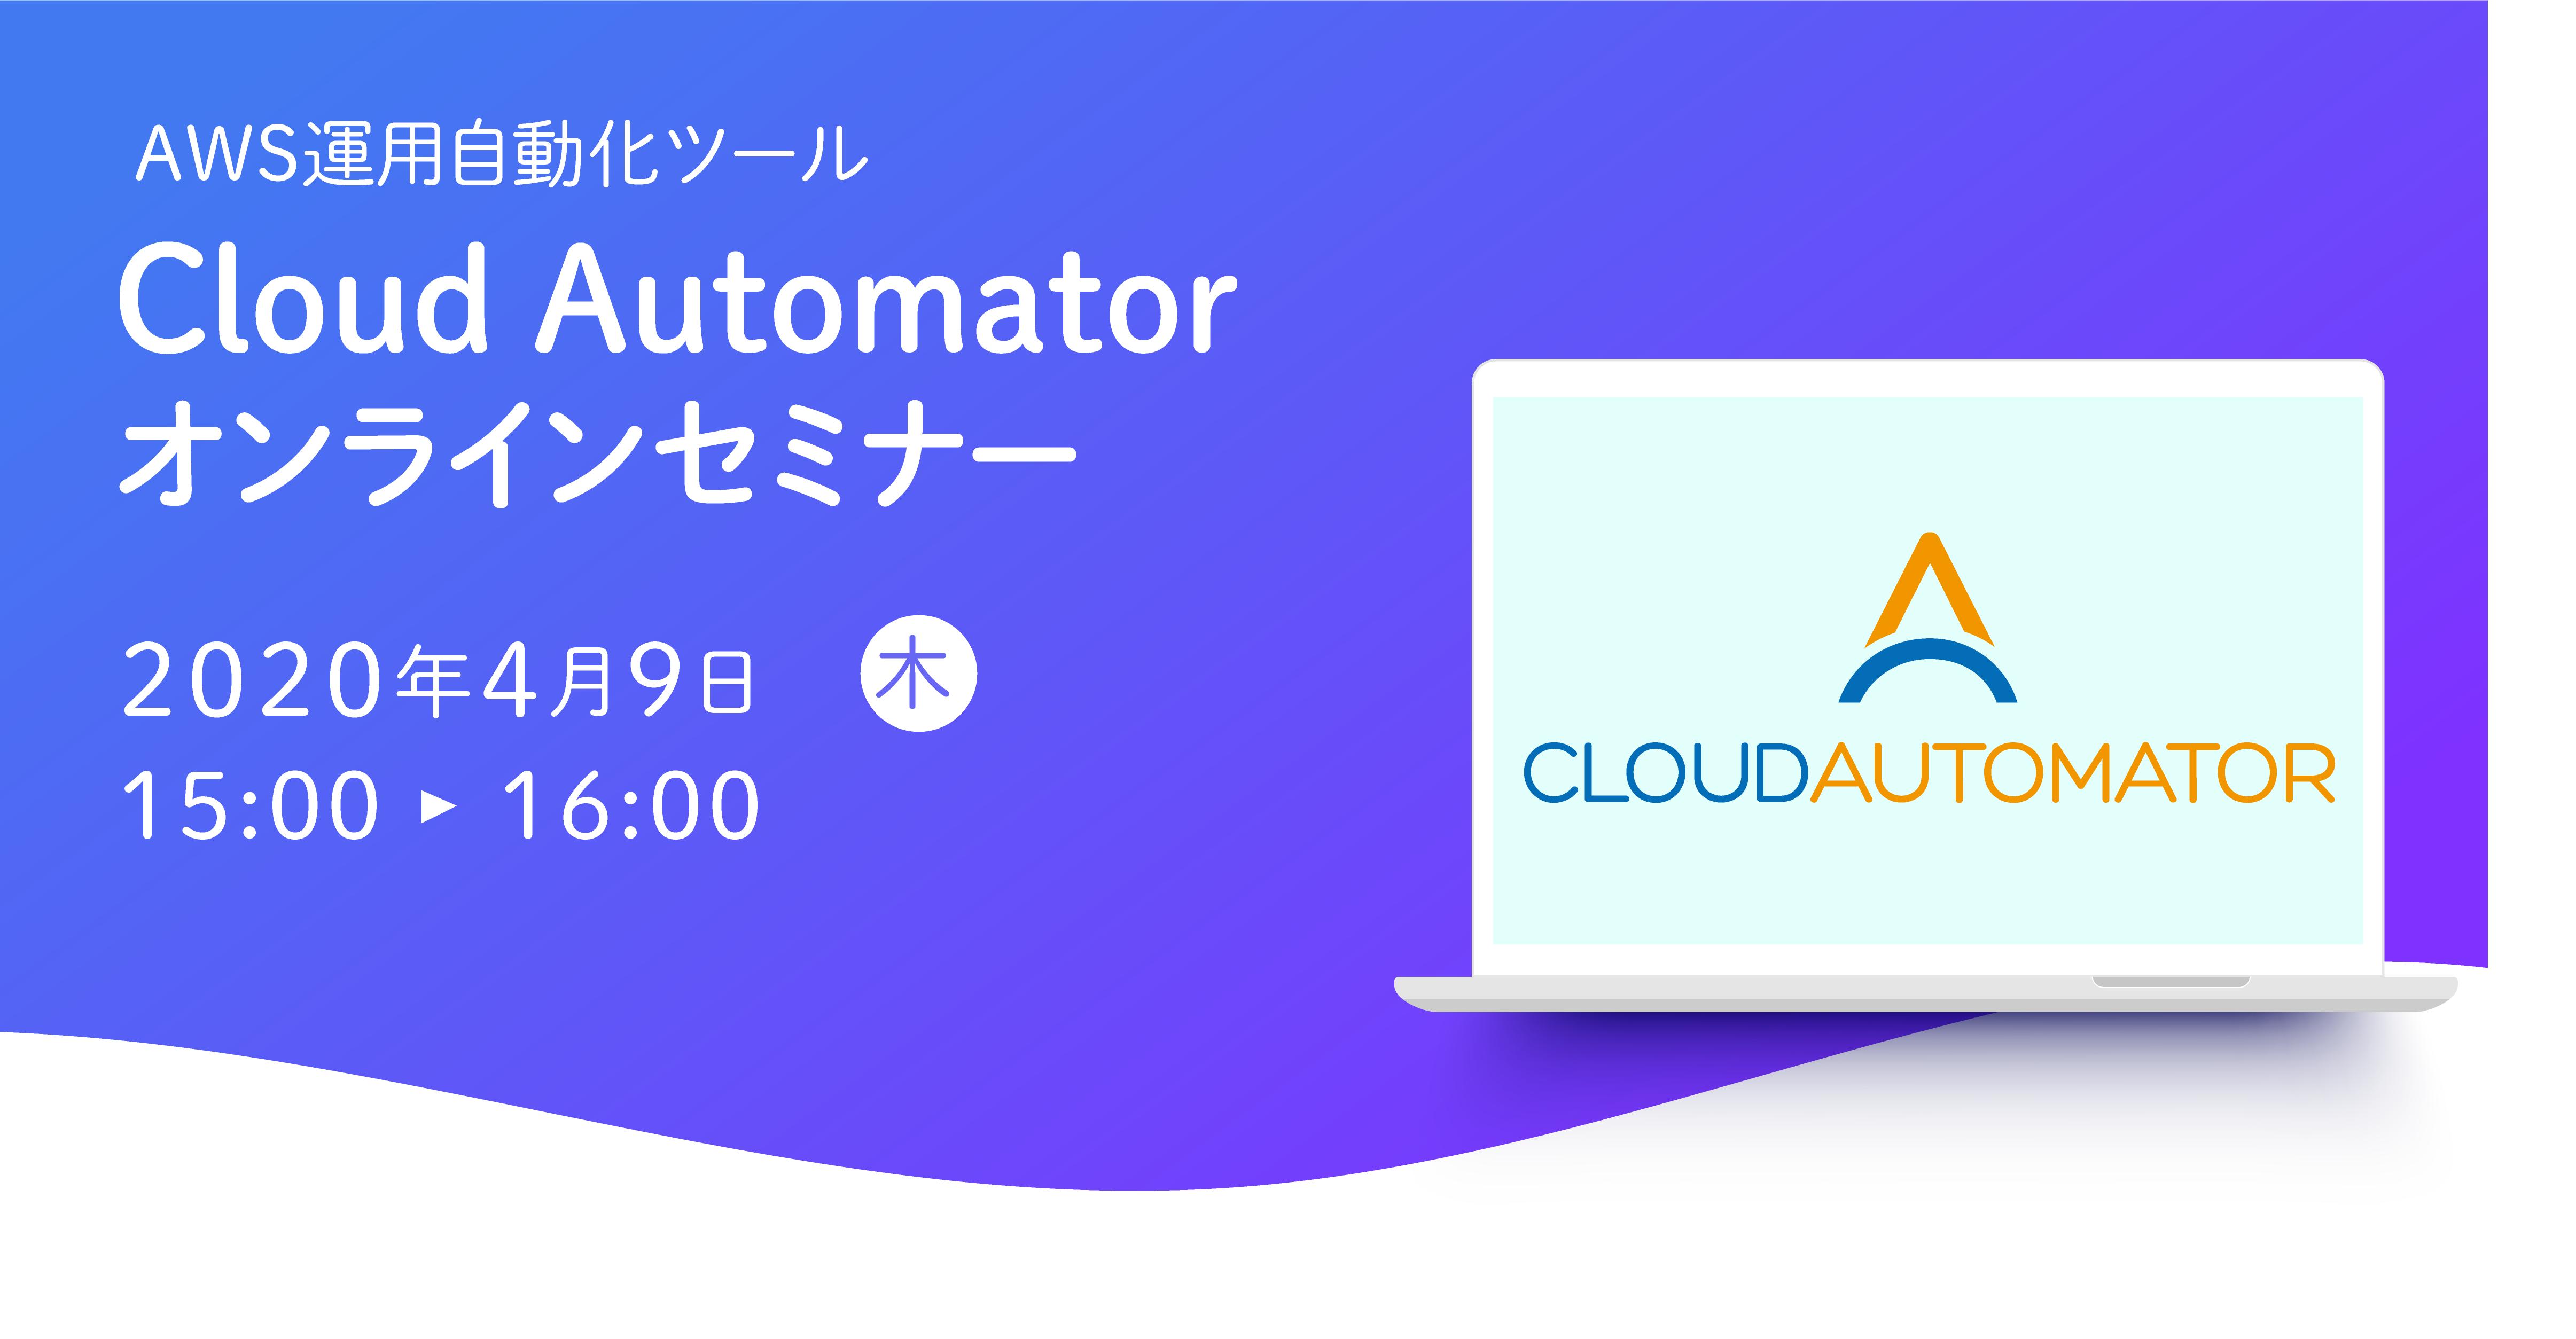 【4月9日開催】AWS運用自動化ツール「Cloud Automator」のオンラインセミナーを開催します